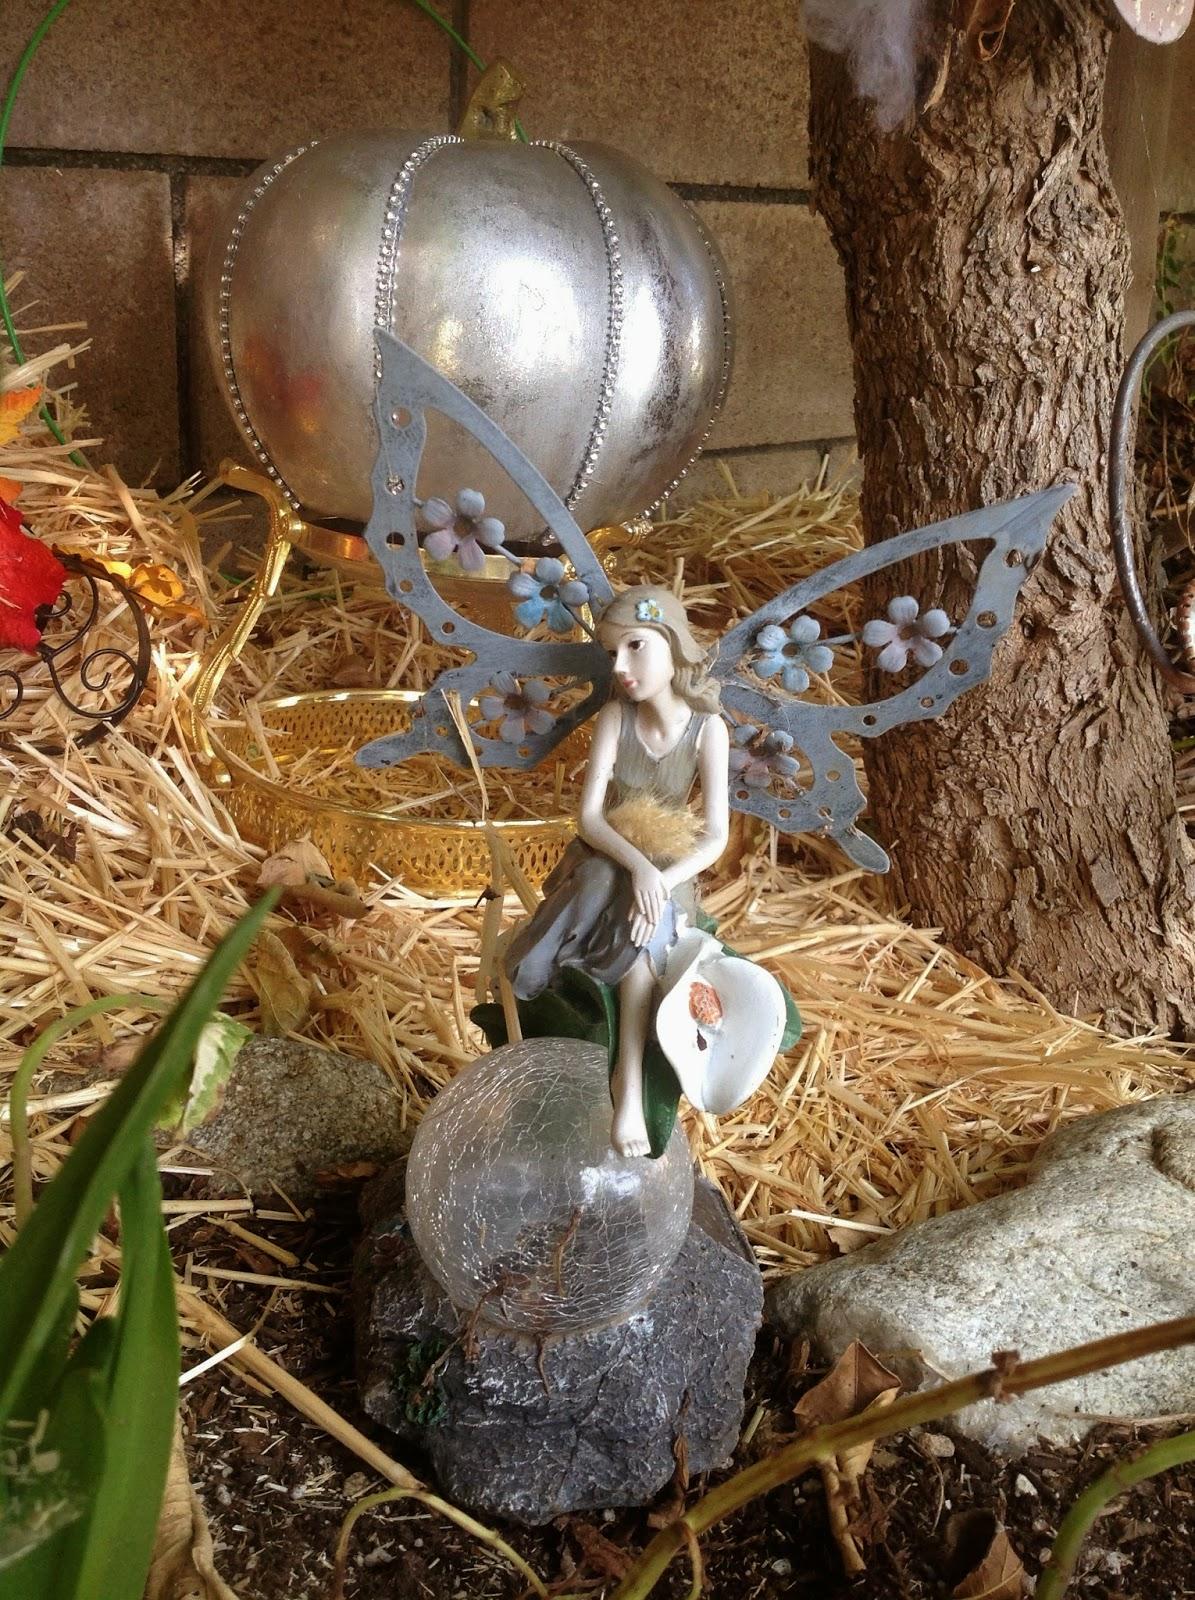 Grandma's Enchanted Fairy Garden: Halloween Festival Wraps Up